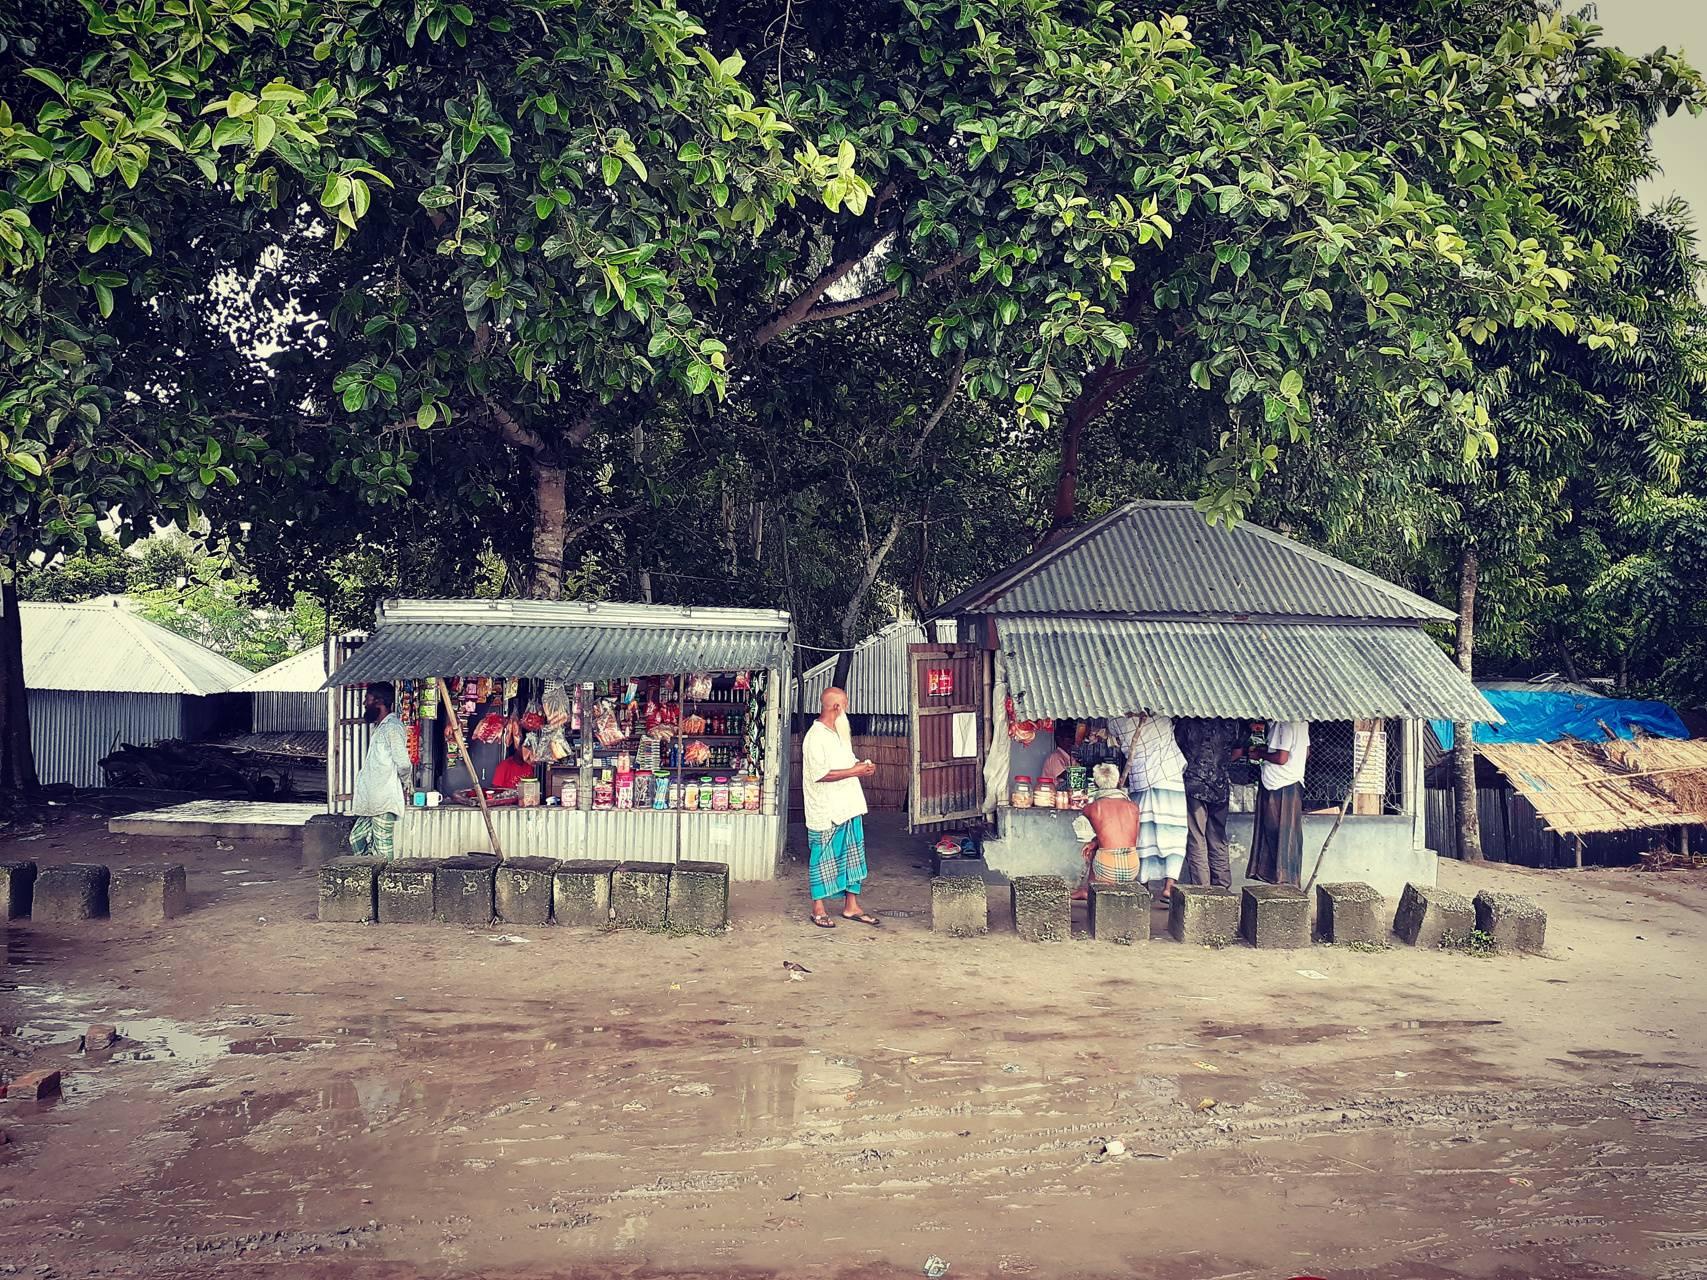 Village stalls